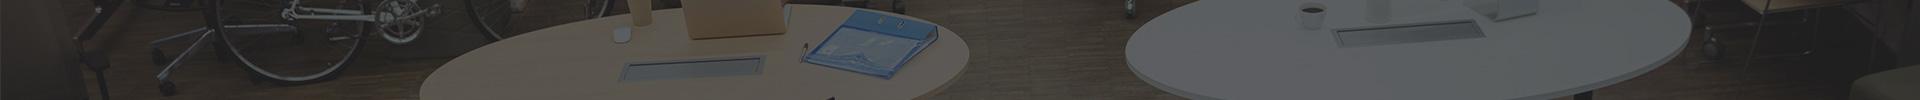 Banner Chí doanh tuyển dụng detail